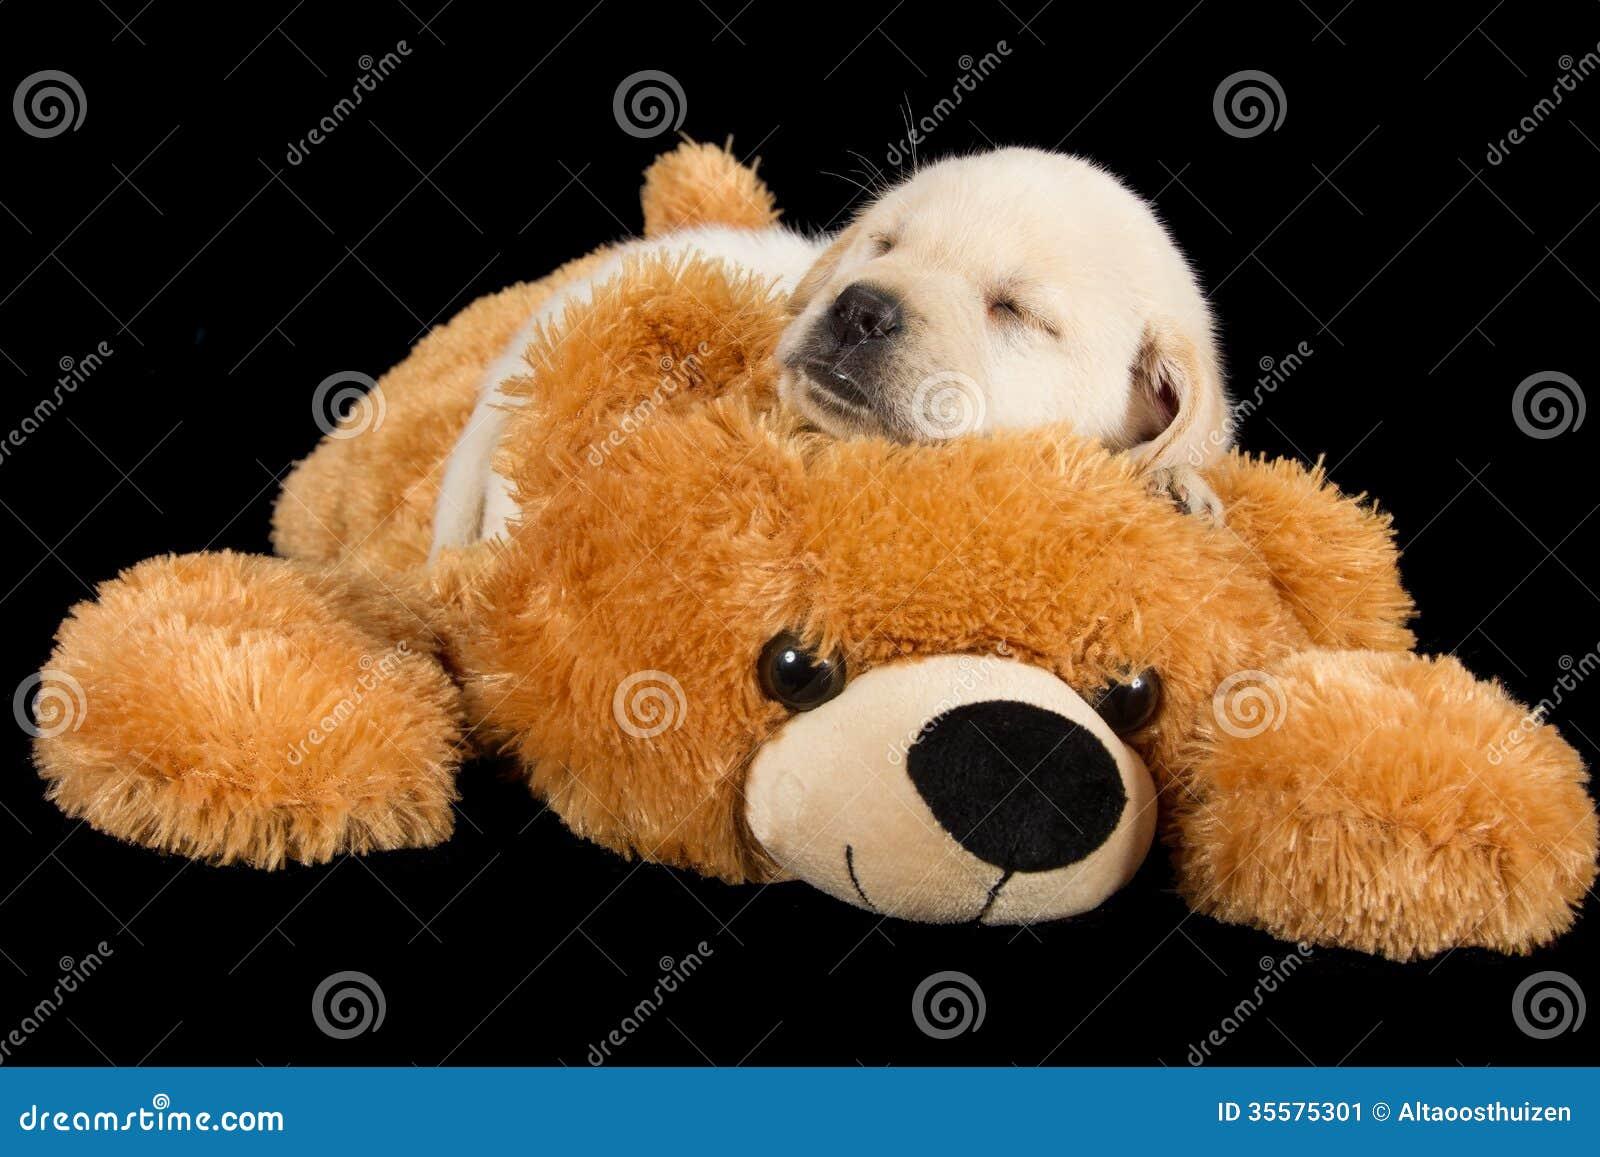 labrador puppy sleeping on big brown teddy bear stock Teddy Bear Puppies for Adoption Teddy Bear Shichon Puppies